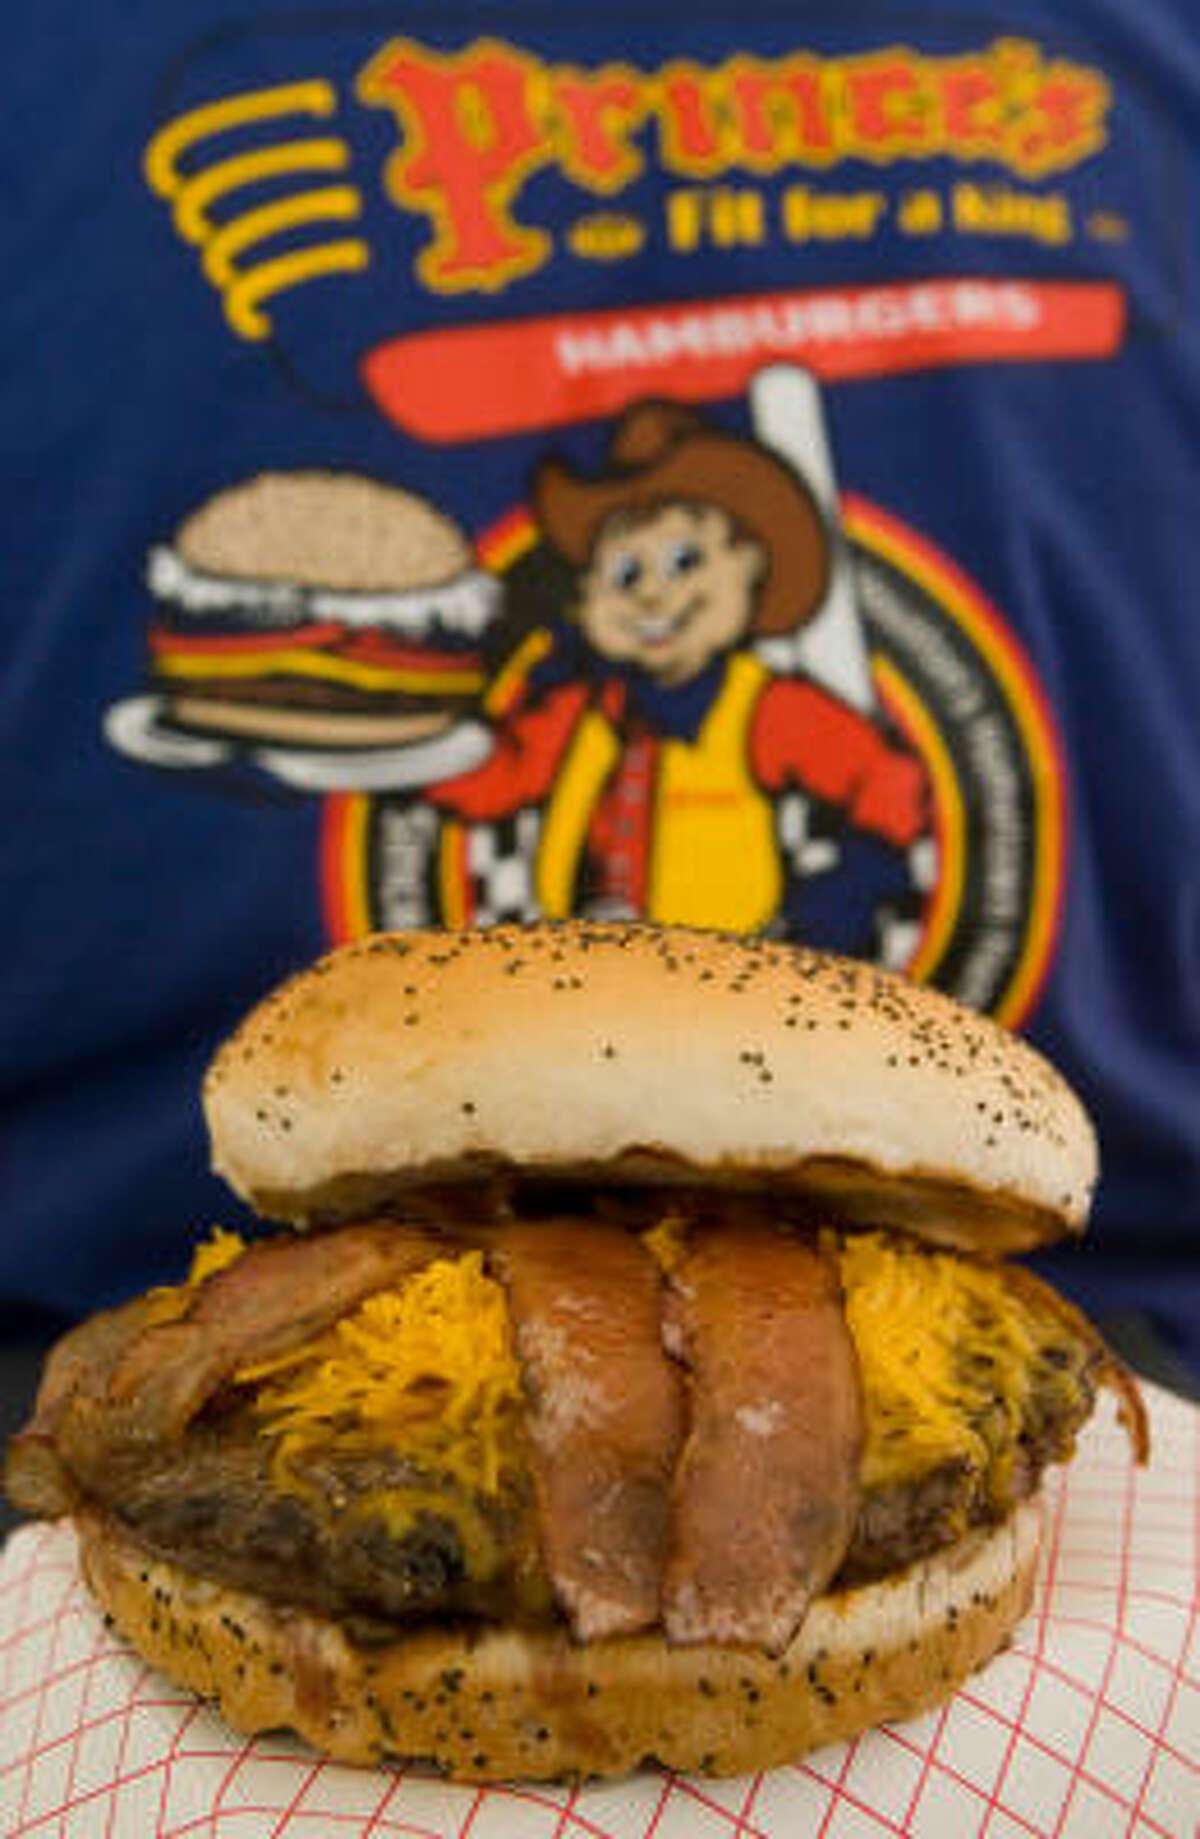 A bacon Cheeseburger from Prince's Hamburgers